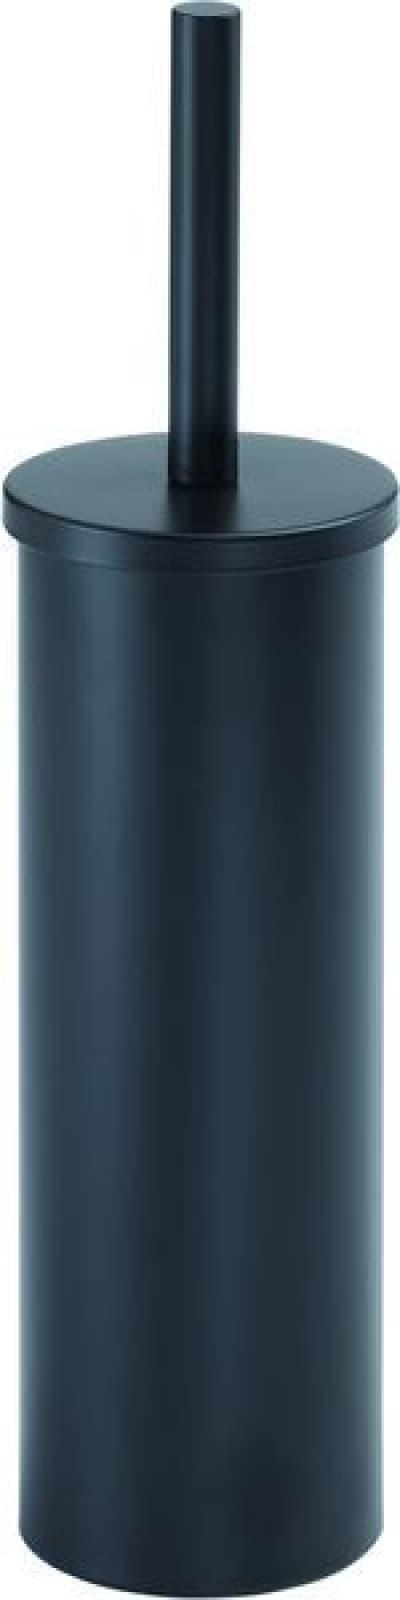 Gedy G-Flip, напольный металлический ёршик для унитаза, цвет черный матовый 5233(14)